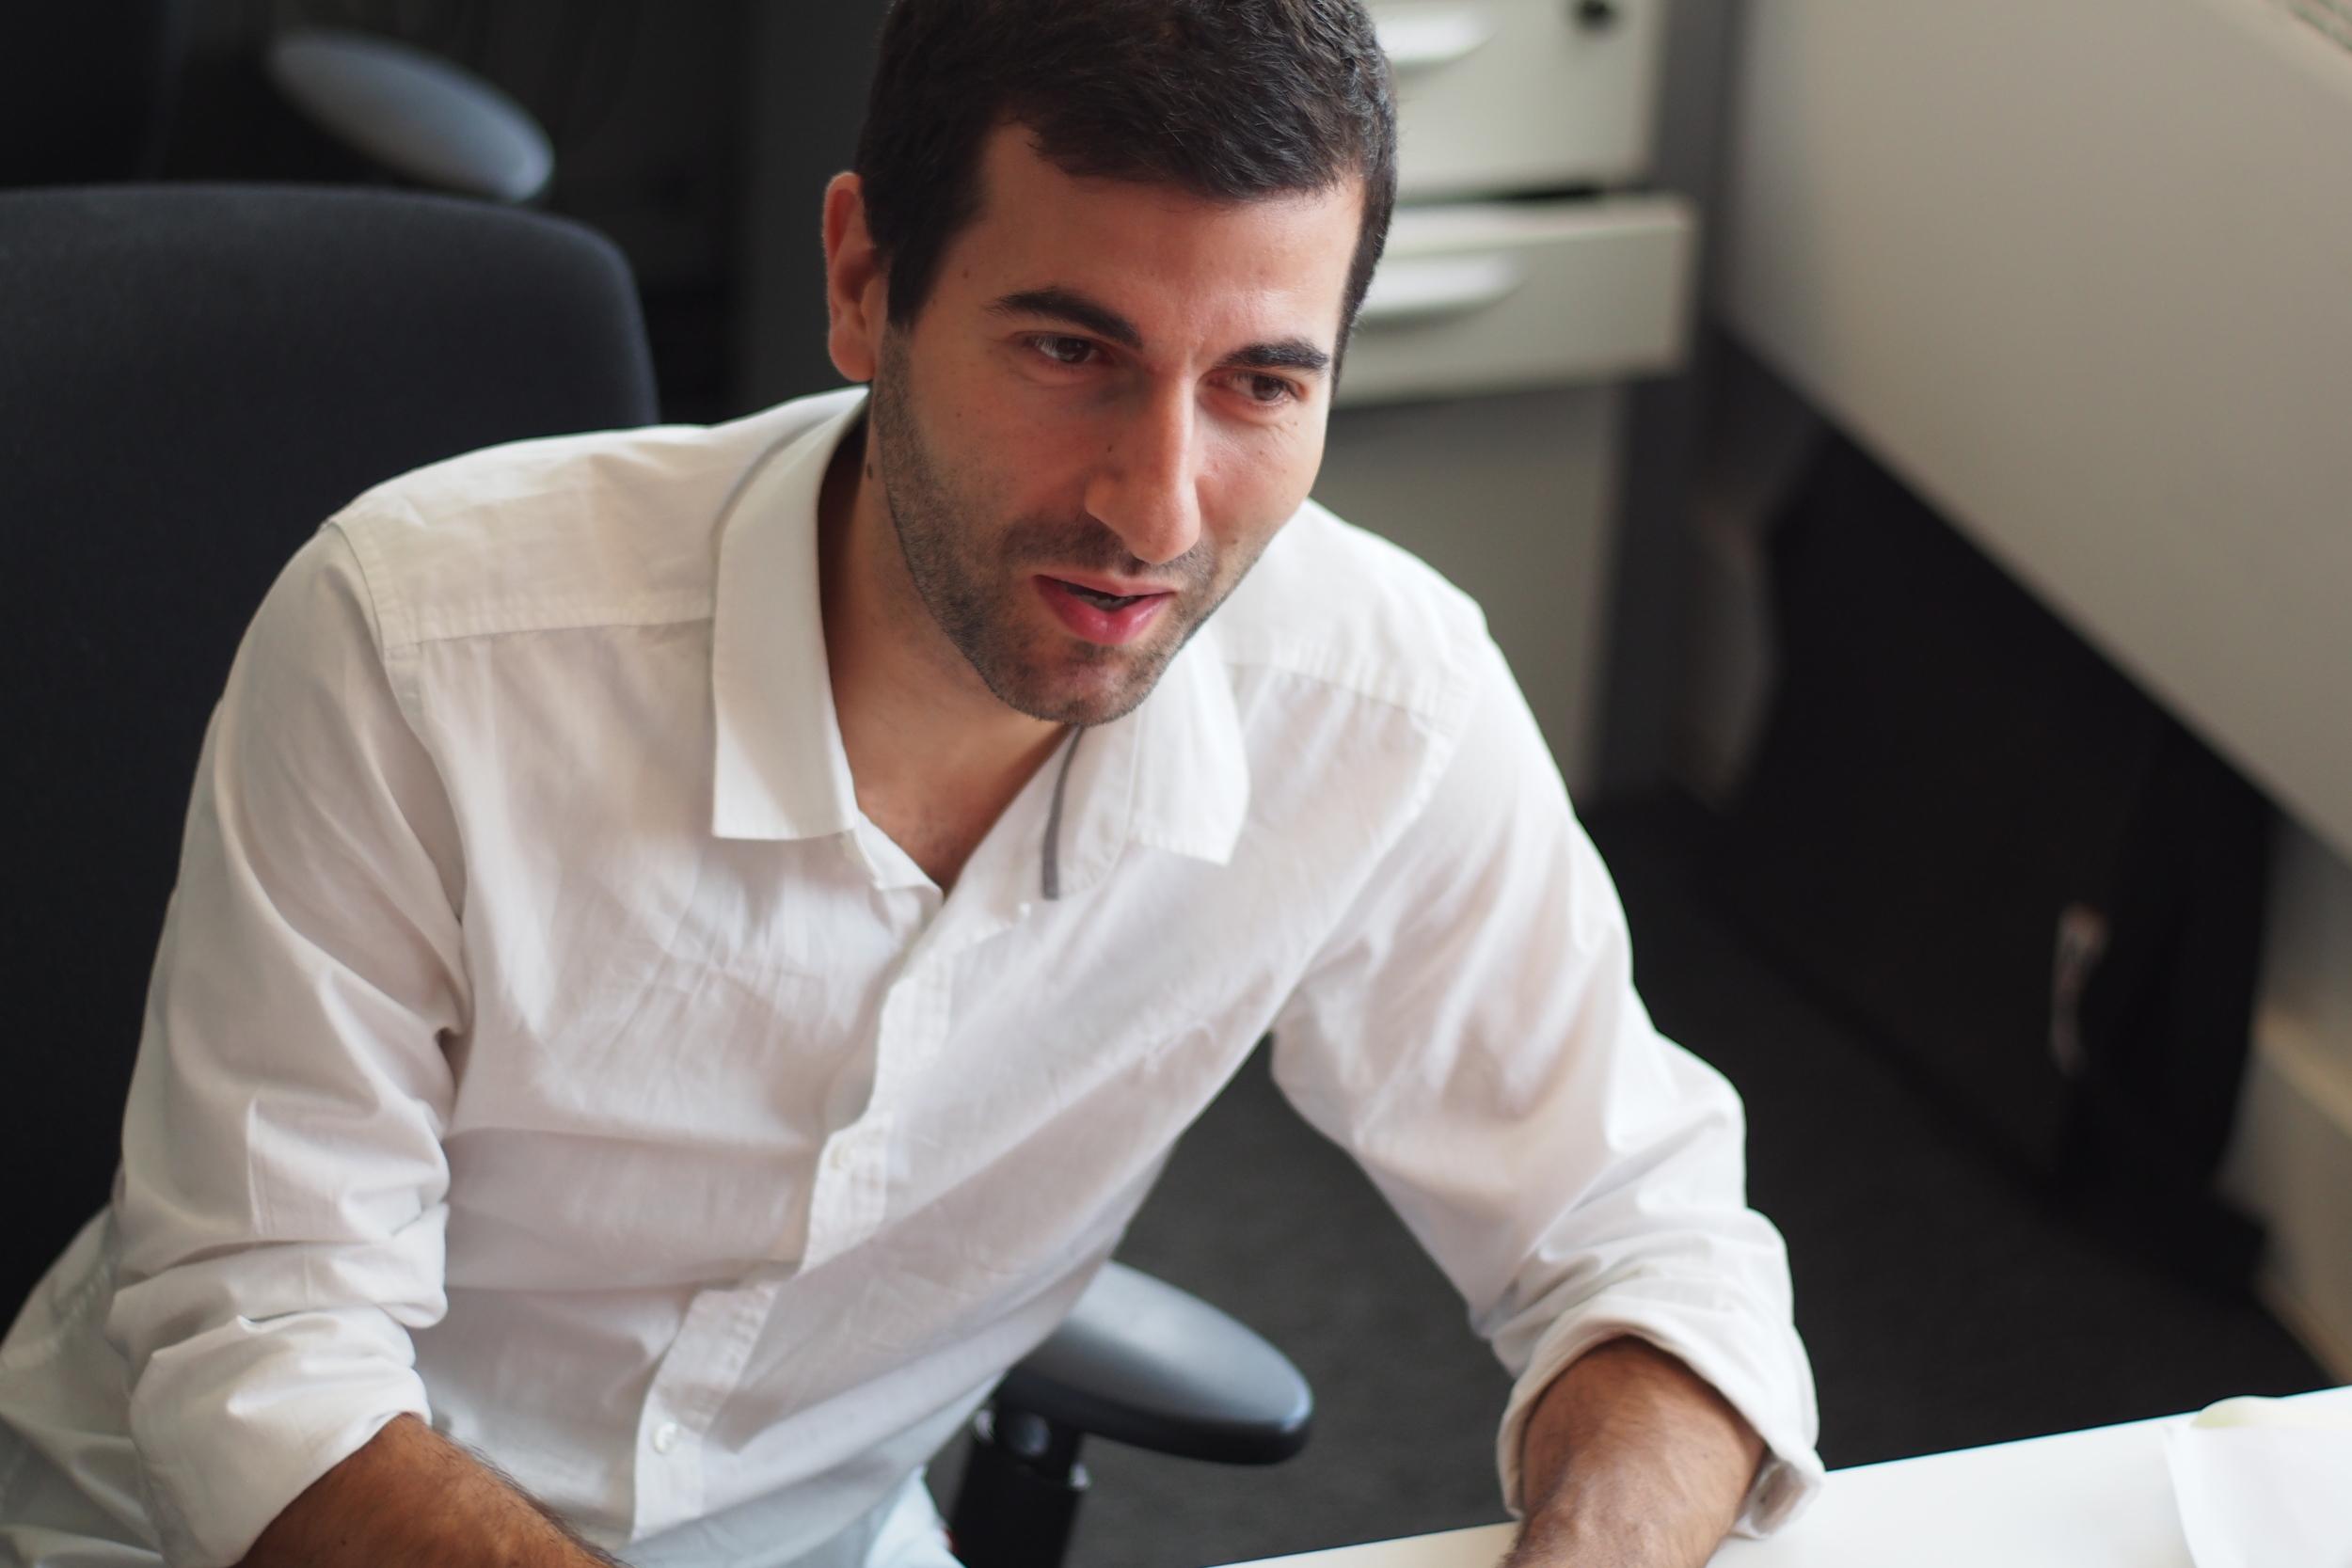 Luigi Simione